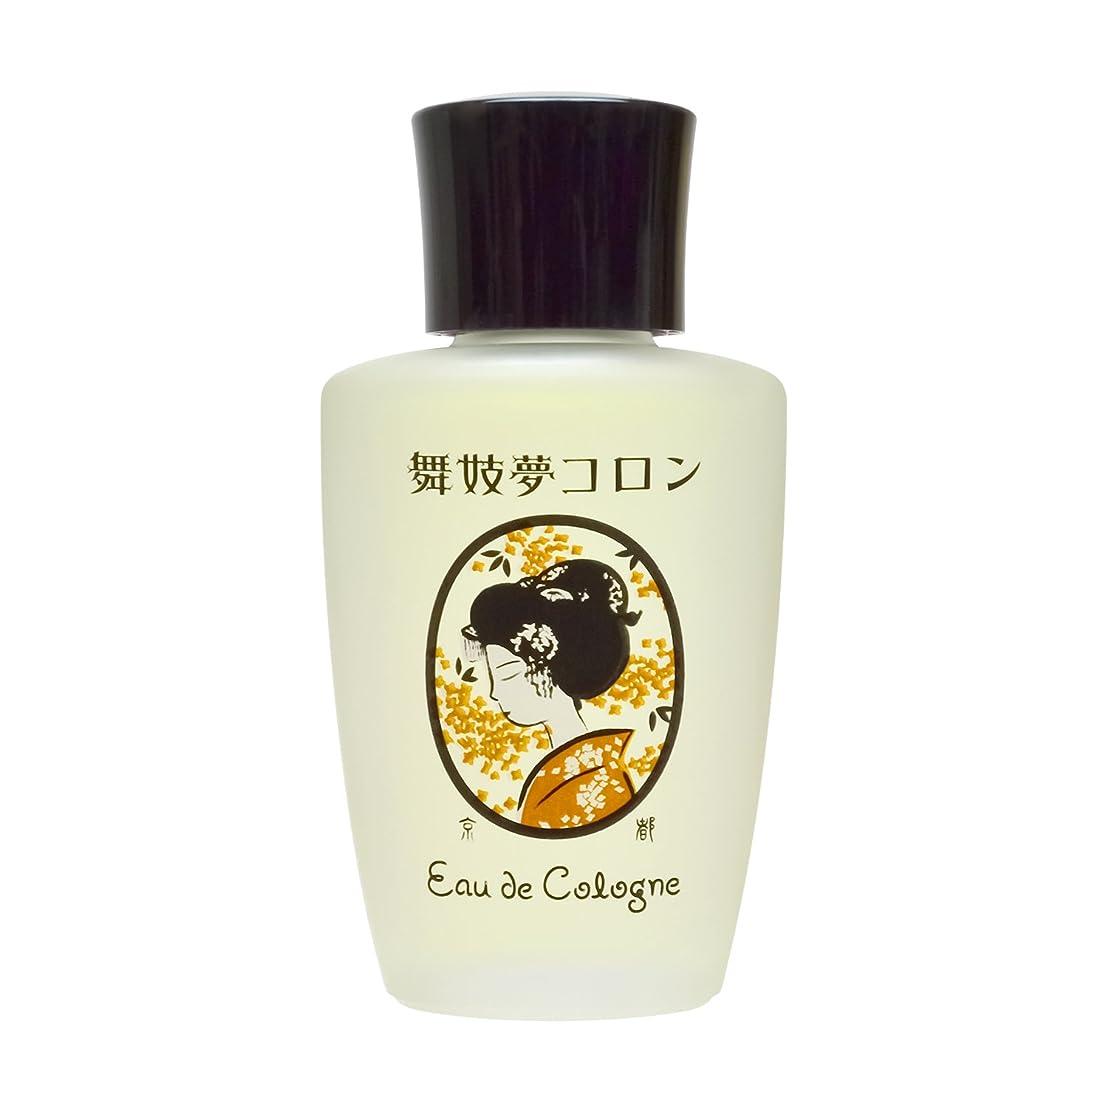 省子羊恐怖京コスメ 舞妓夢コロン 金木犀/きんもくせいの香り 単品